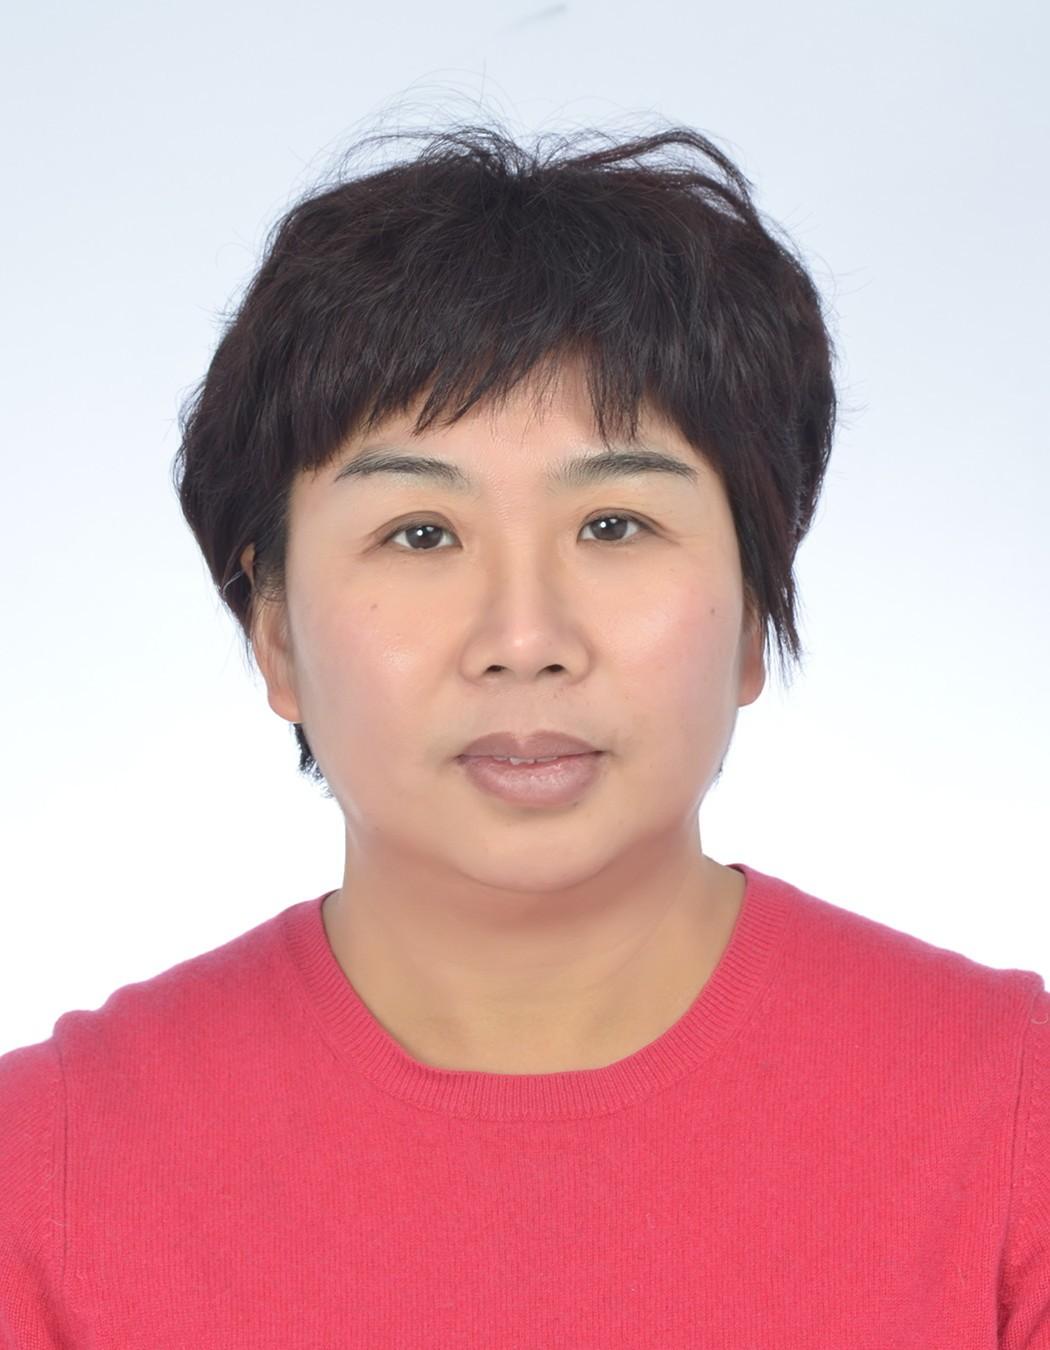 岛津企业管理(中国)有限公司原子光谱产品专员 主要负责岛津原子光谱产品的技术支持及市场推广。